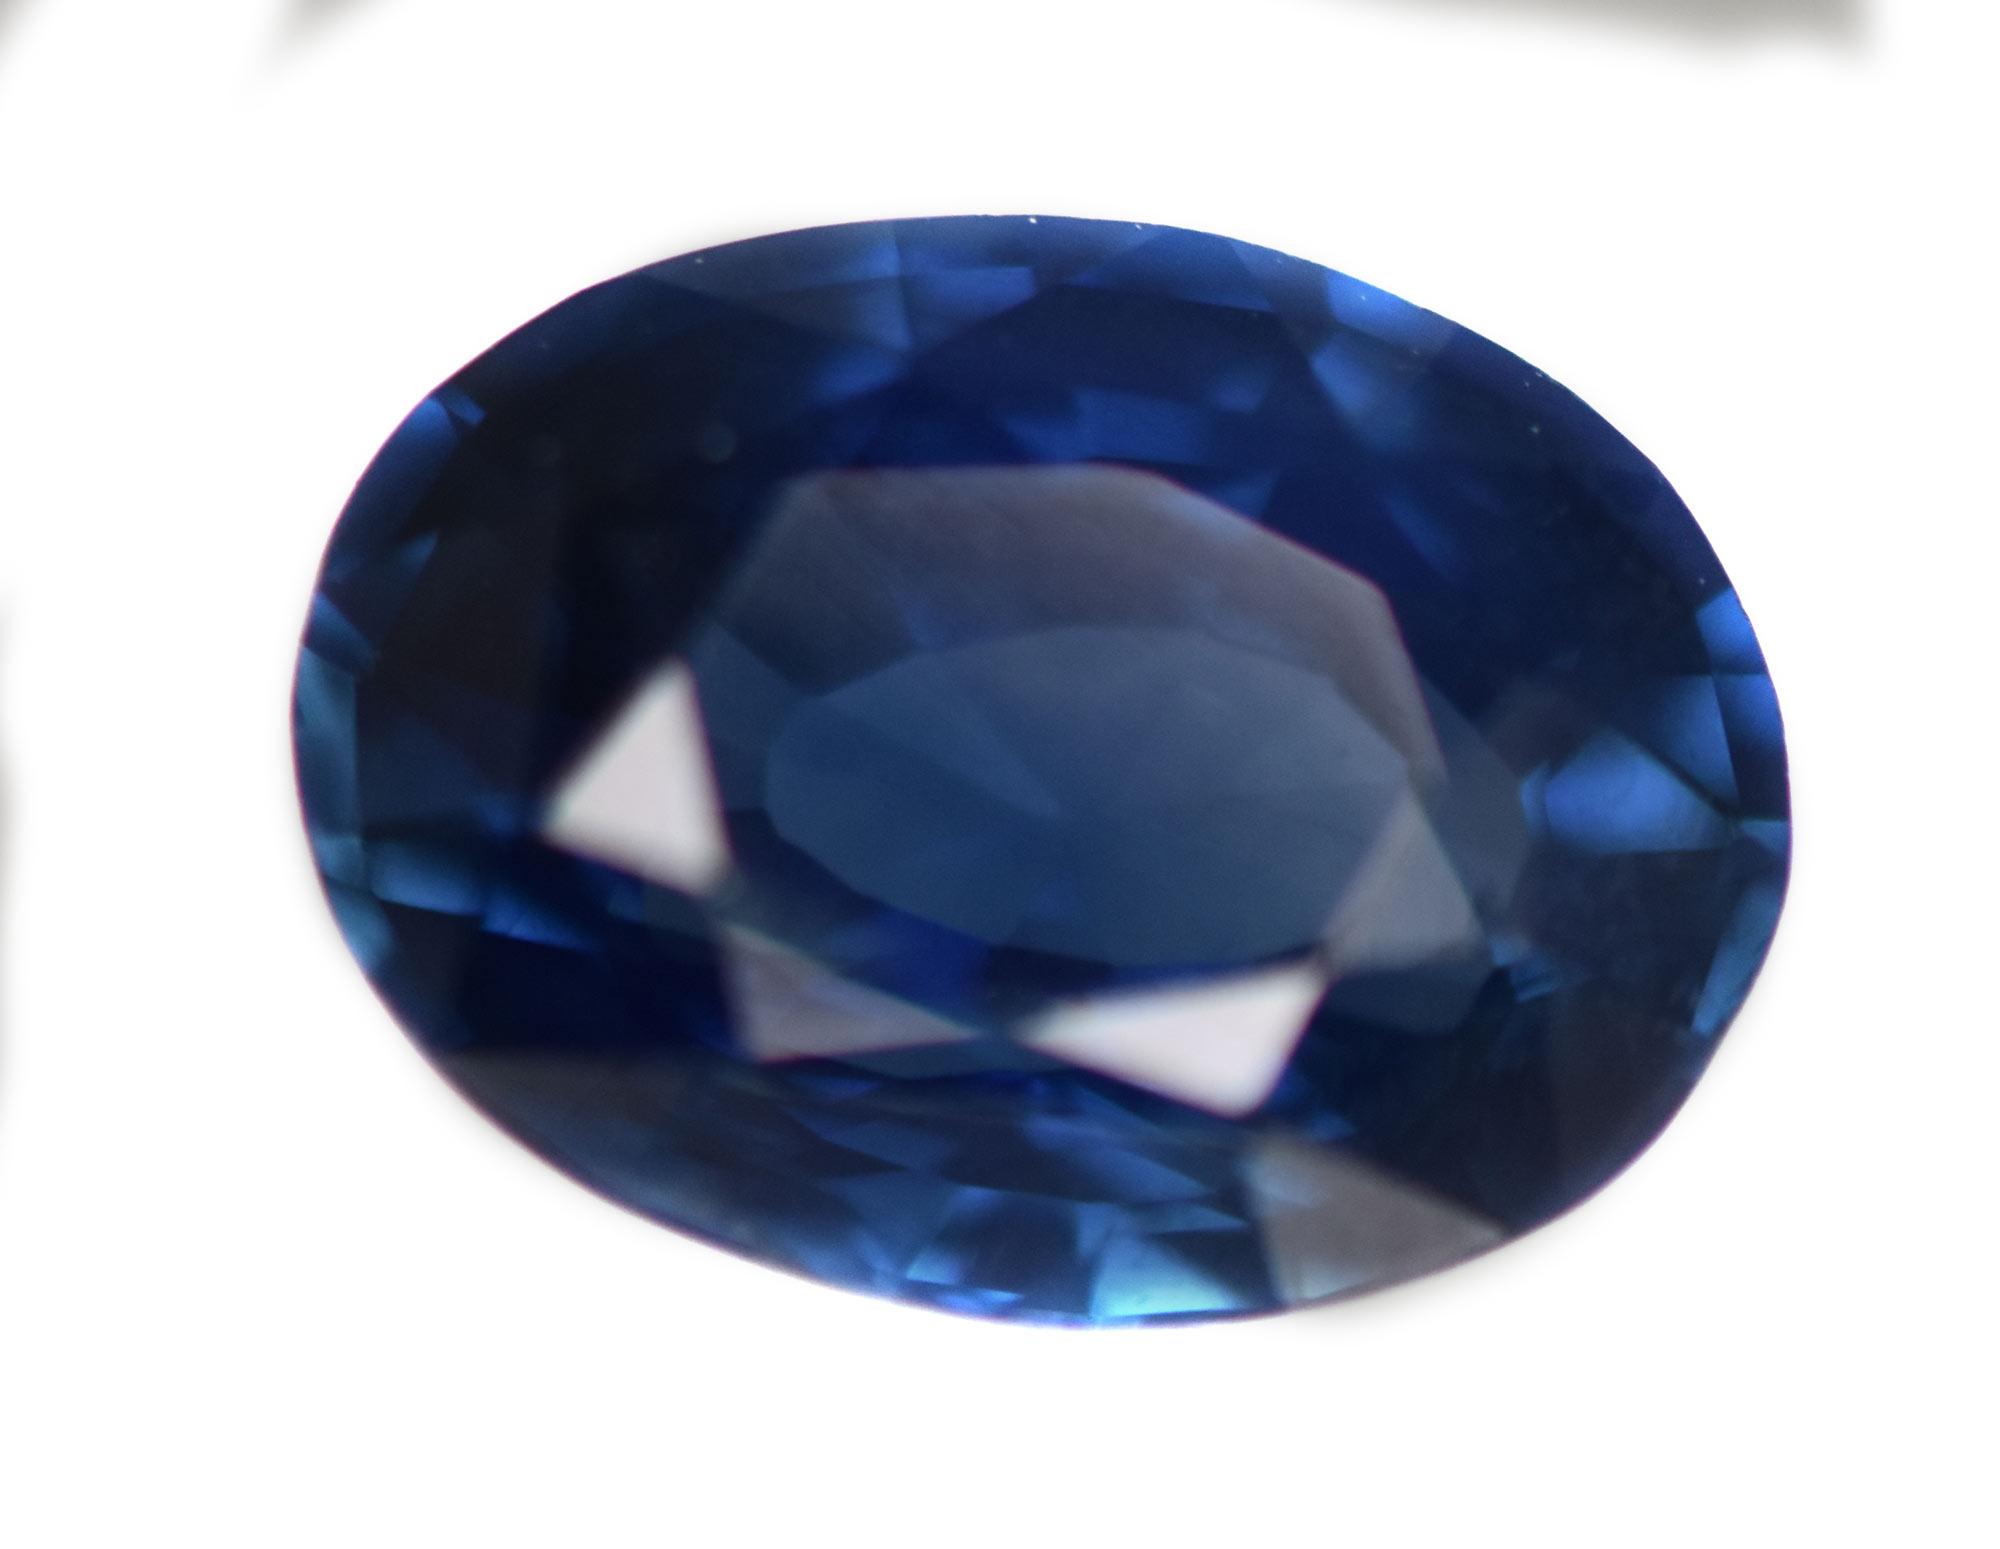 GGTL Certified Blue Oval Cut Sapphire 2.06 cts 8.6x6.3x4.4mm